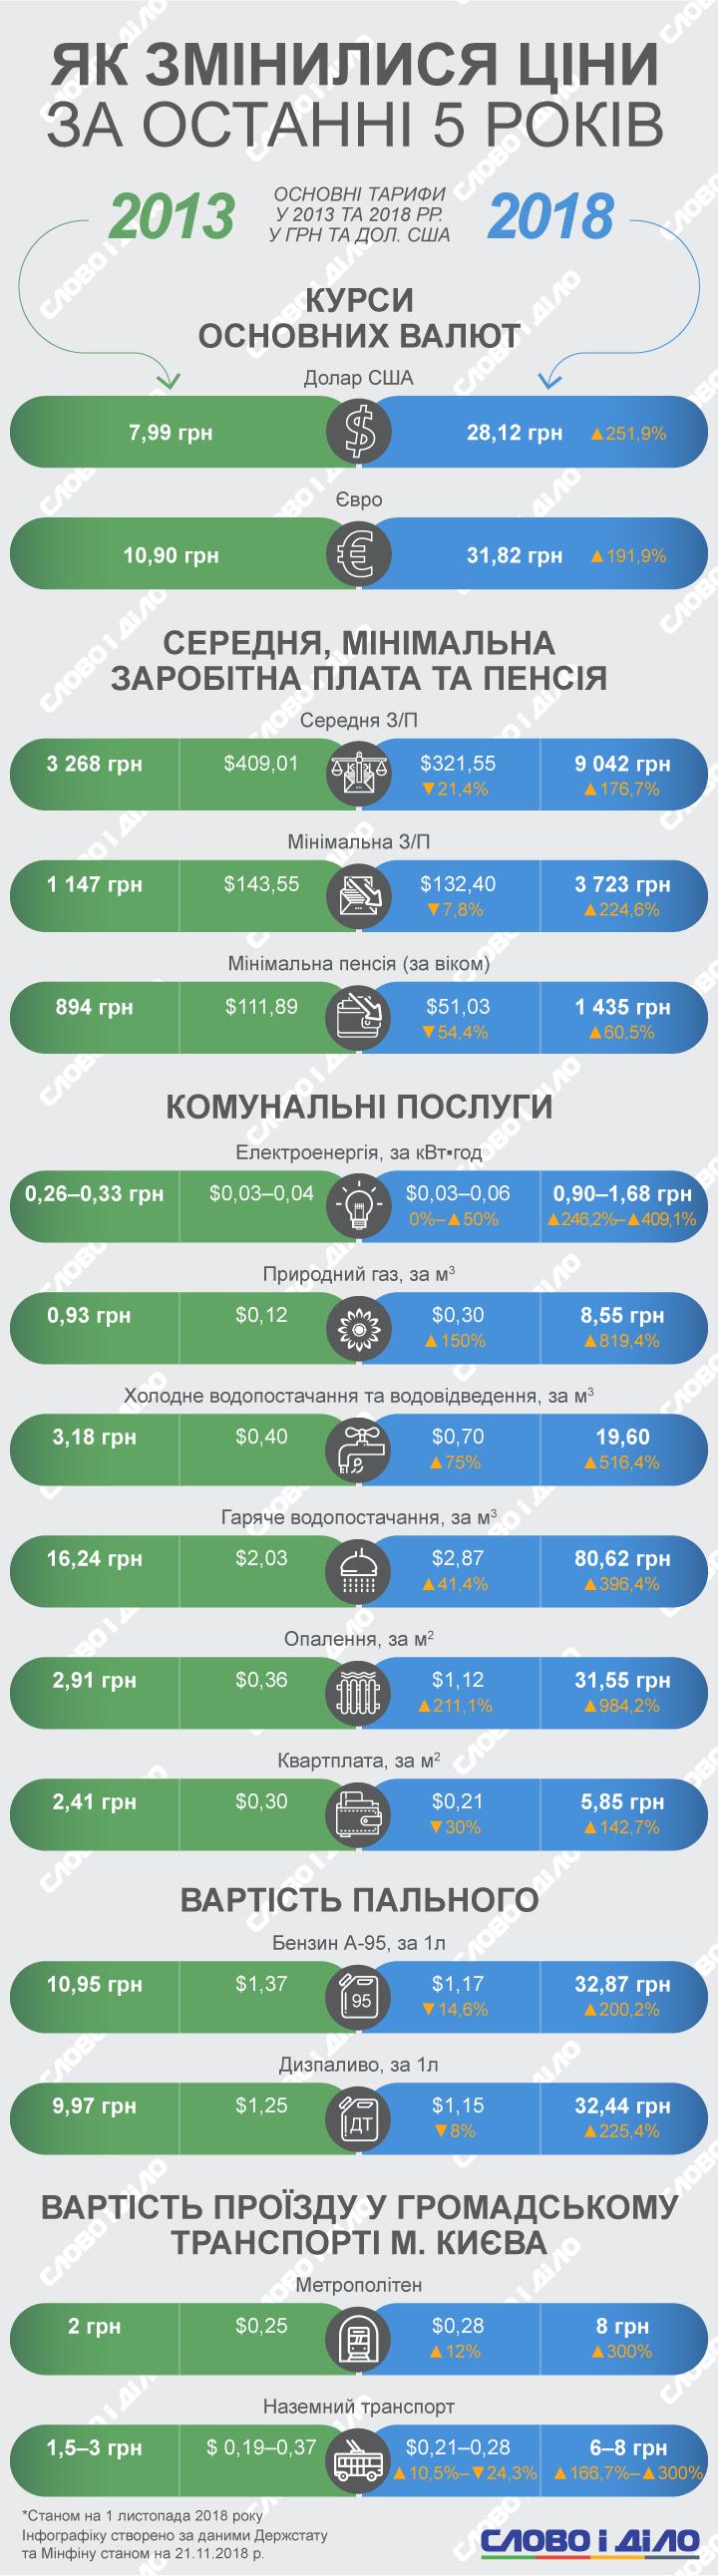 Слово і Діло пропонує подивитись, як в Україні за п'ять років змінилися ціни, зарплата та курс валют.